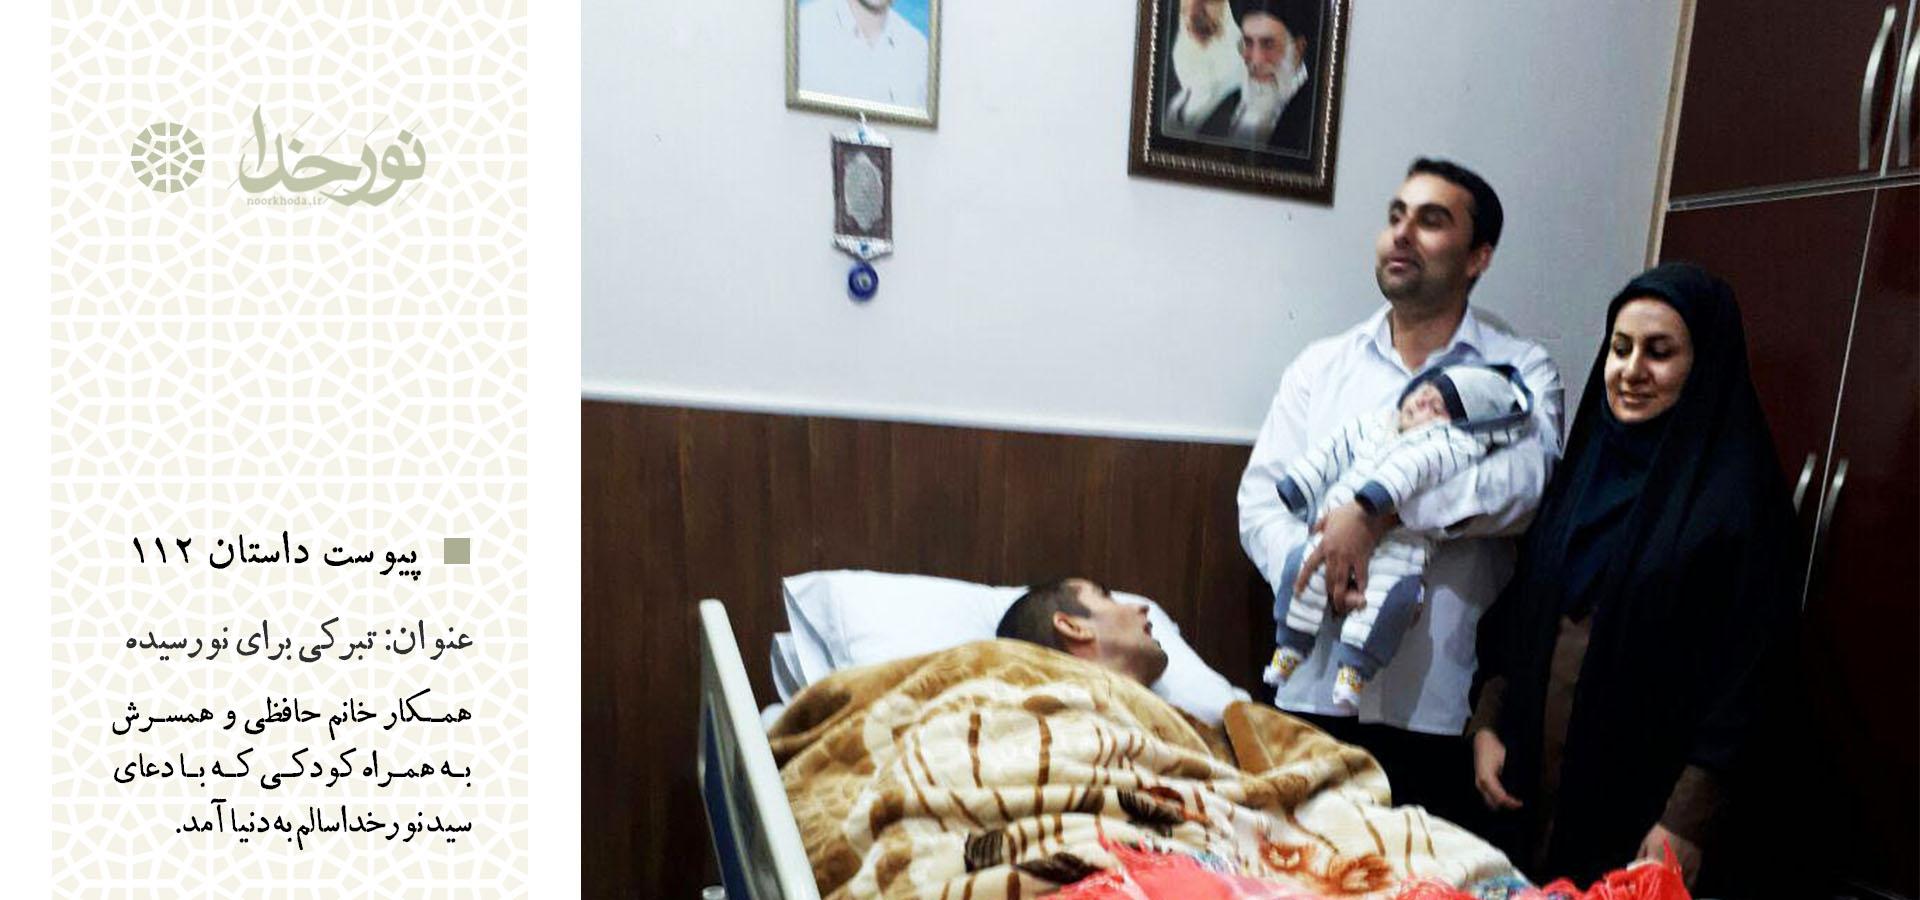 همکار خانم حافظی و همسرش به همراه کودکی که با دعای سید نورخدا سالم به دنیا آمد.